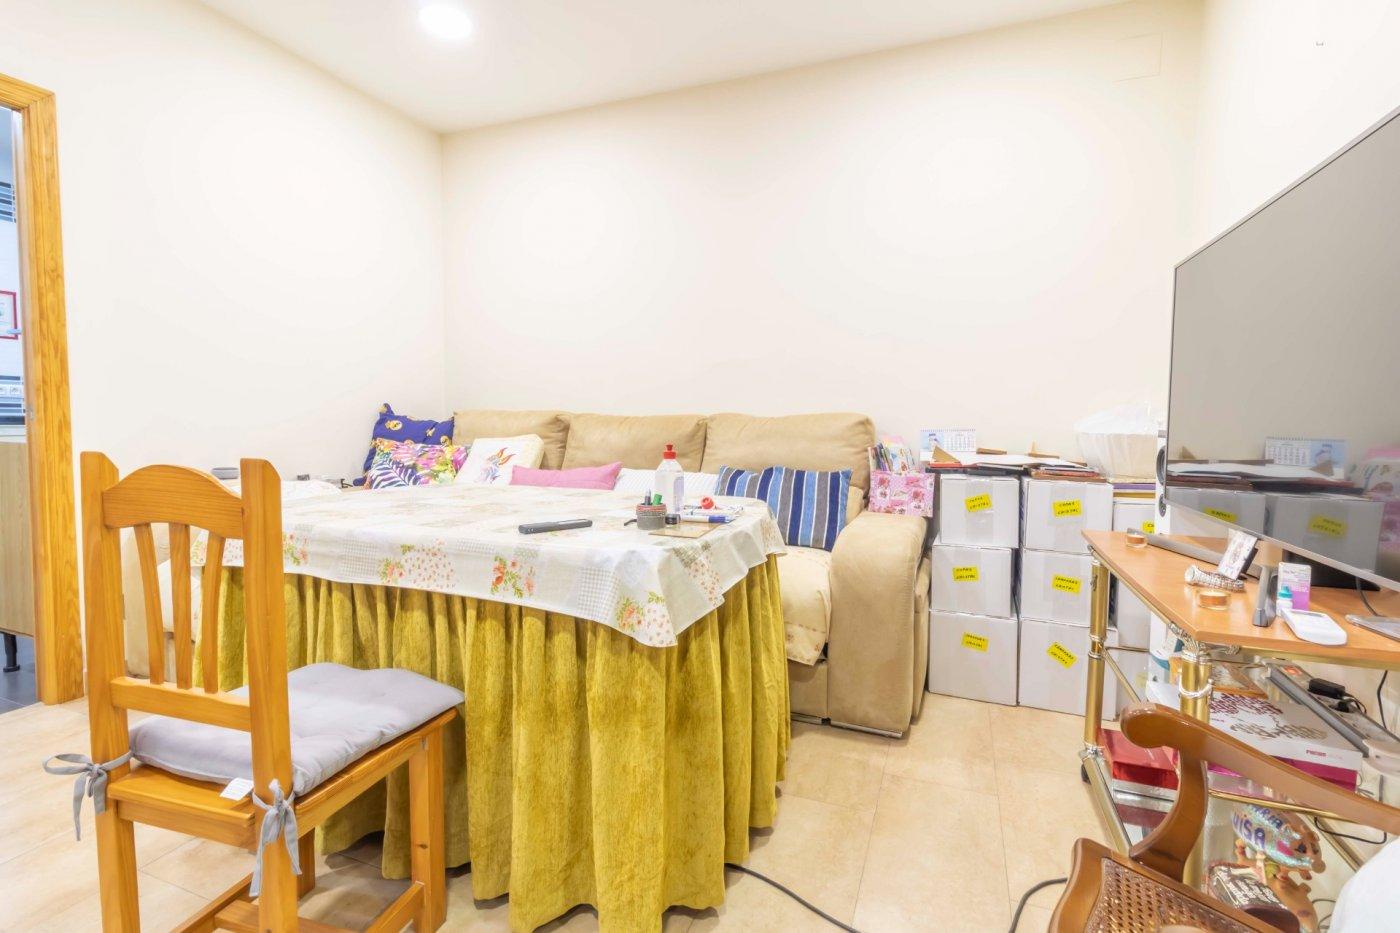 Casa a la venta en zona padre pÍo - imagenInmueble3